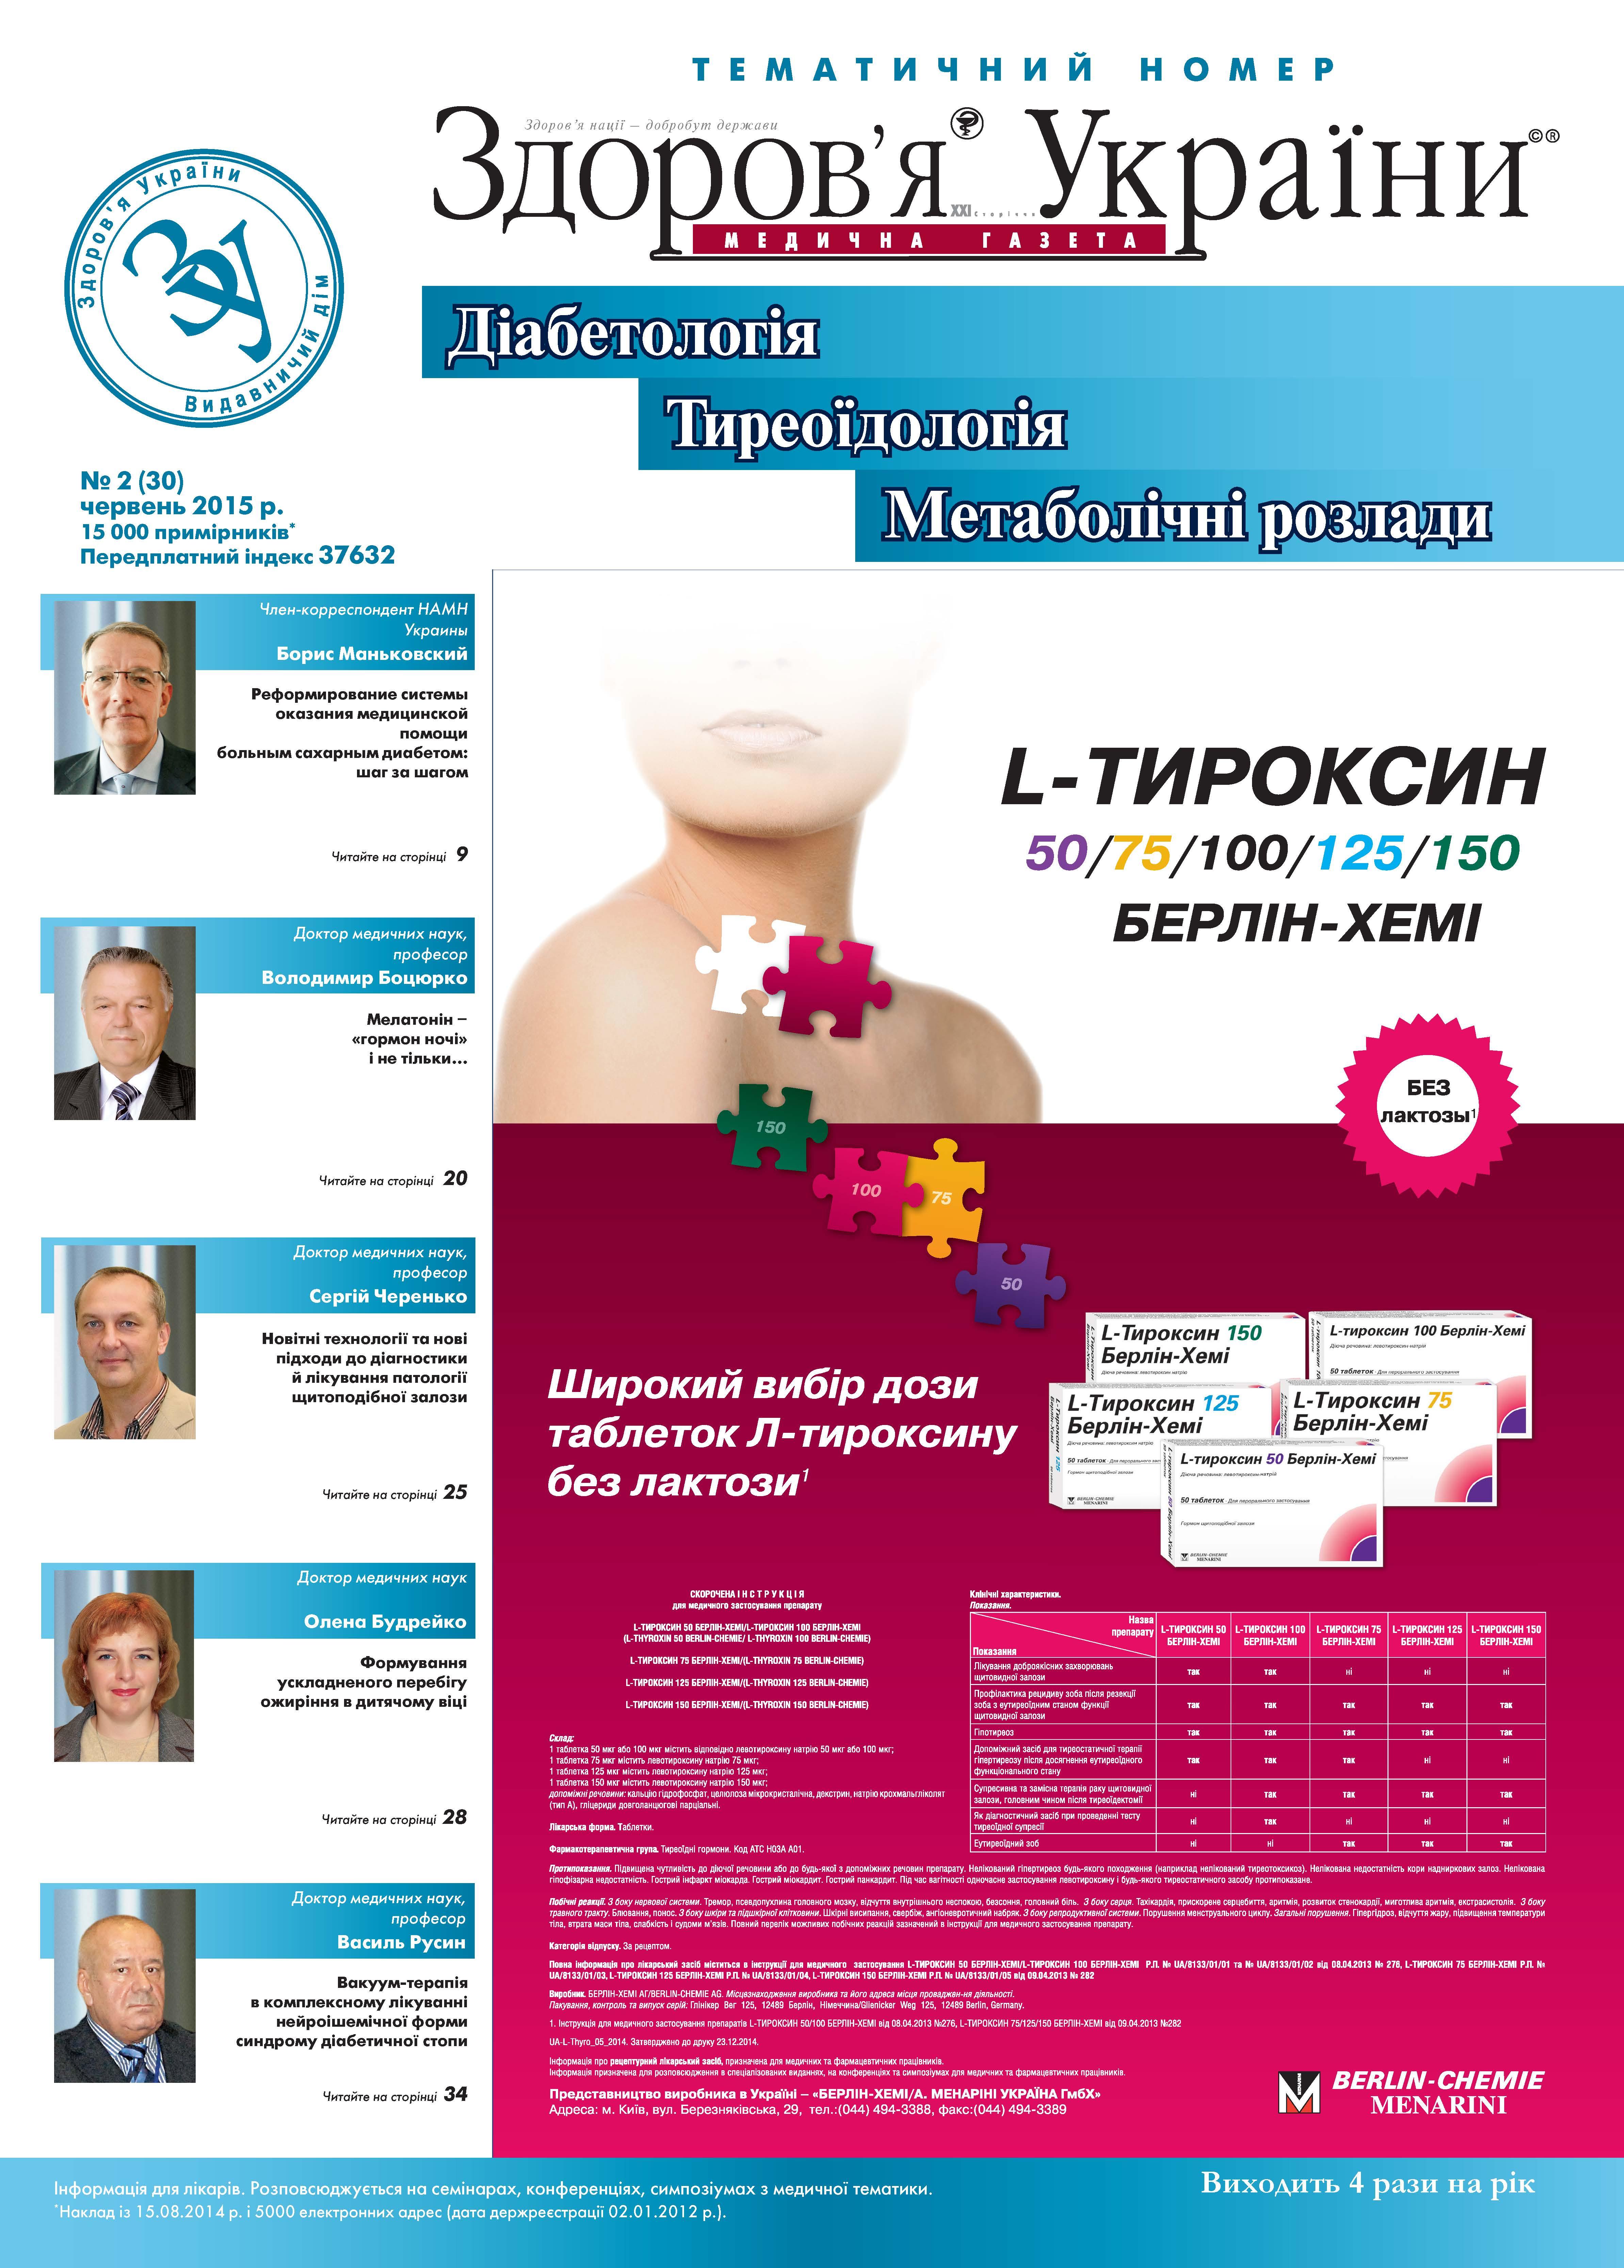 Тематичний номер «Діабетологія, Тиреоїдологія, Метаболічні розлади» № 2 (30) червень 2015 р.